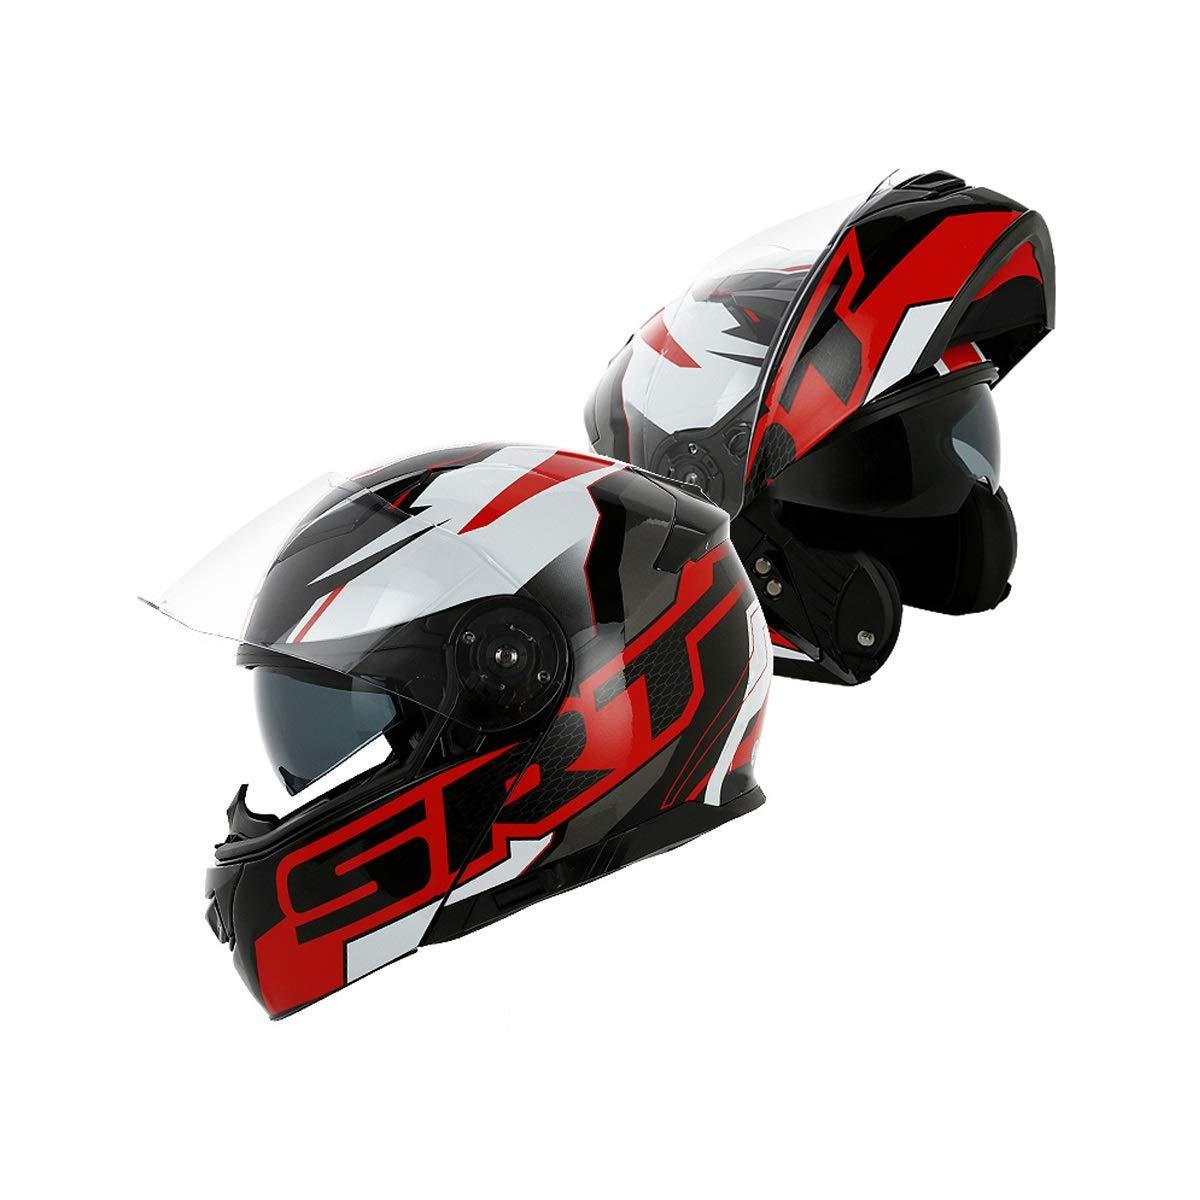 ダブルレンズオープンフェイスヘルメットオートバイヘルメット男性と女性の春防曇フルフェイスヘルメットフルカバー機関車のヘルメット、良い素材、実用的で耐久性 (Color : Multi-colored, Size : B-XL) B-XL Multi-colored B07SMFB9VF